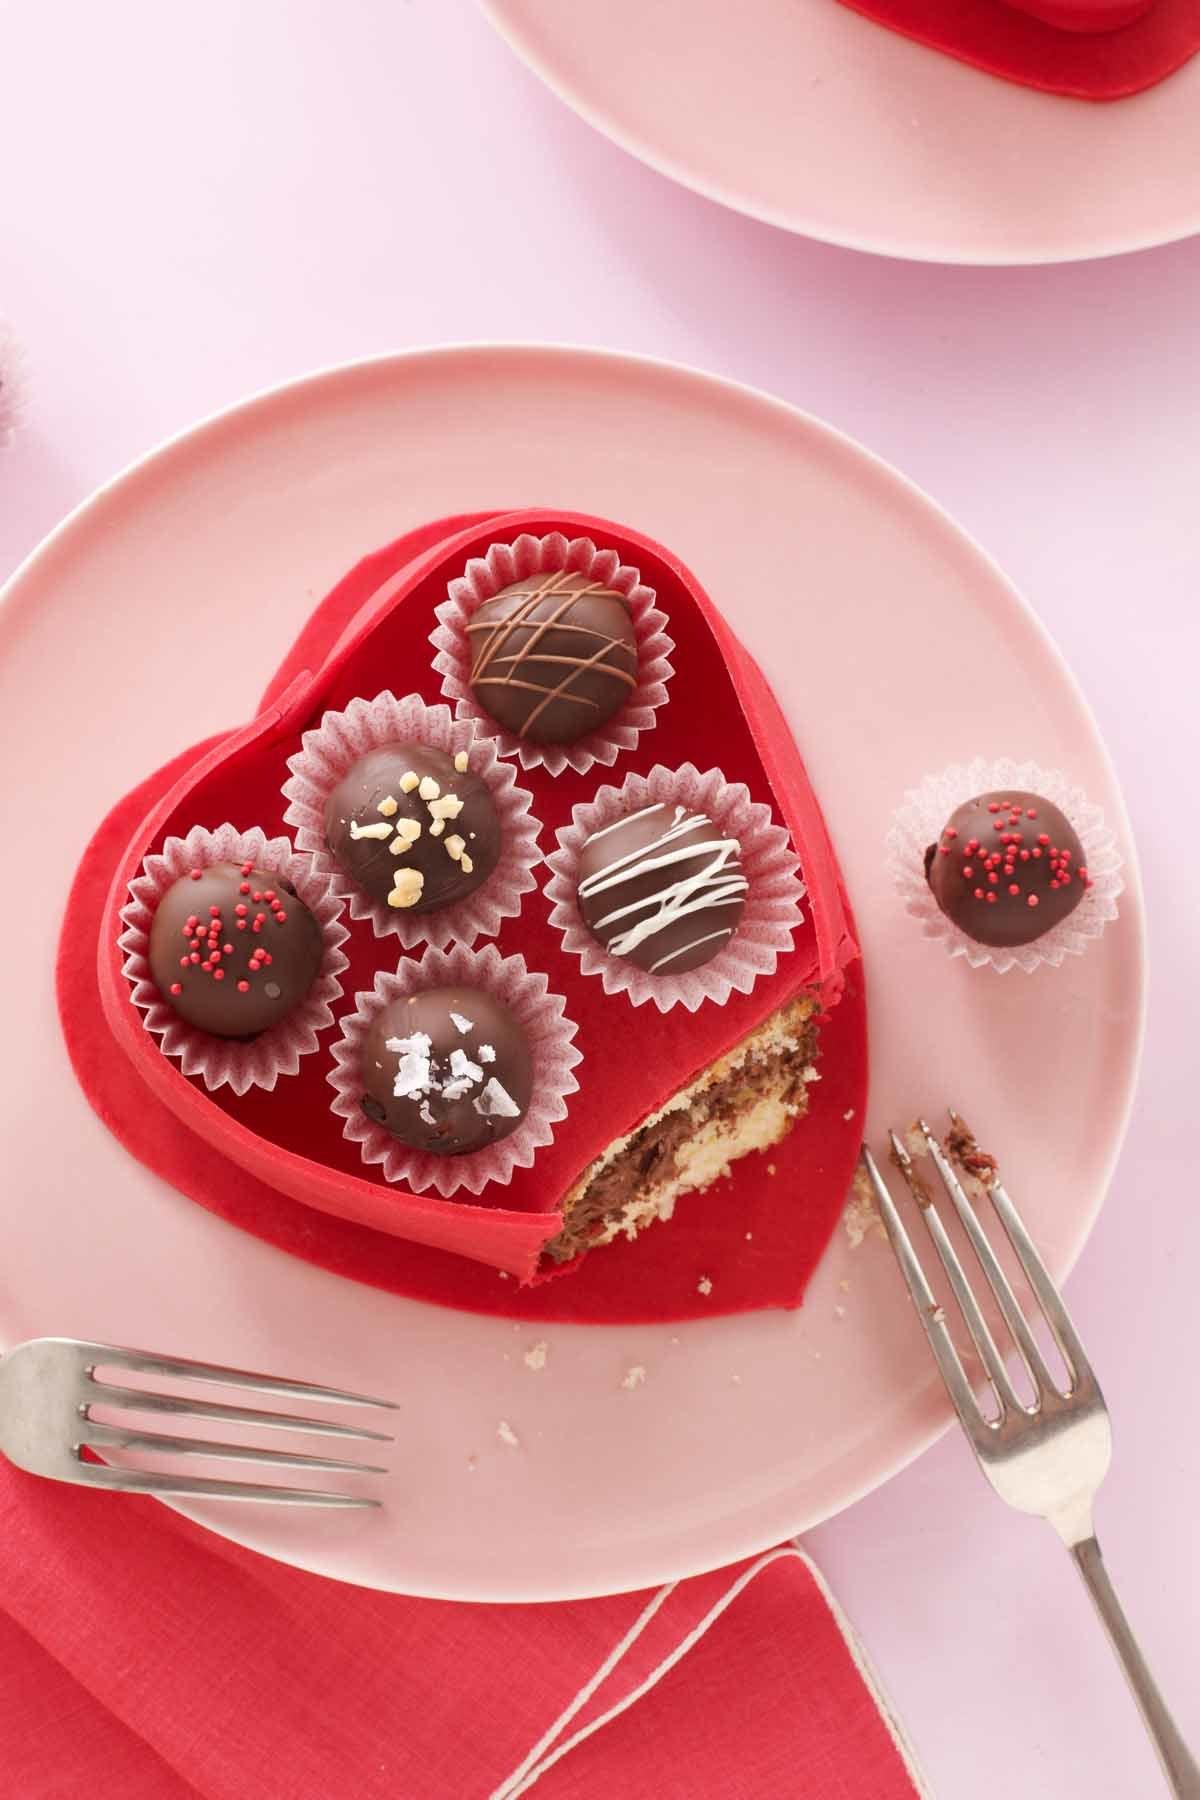 Ein köstlicher Kuchen zum Valentinstag